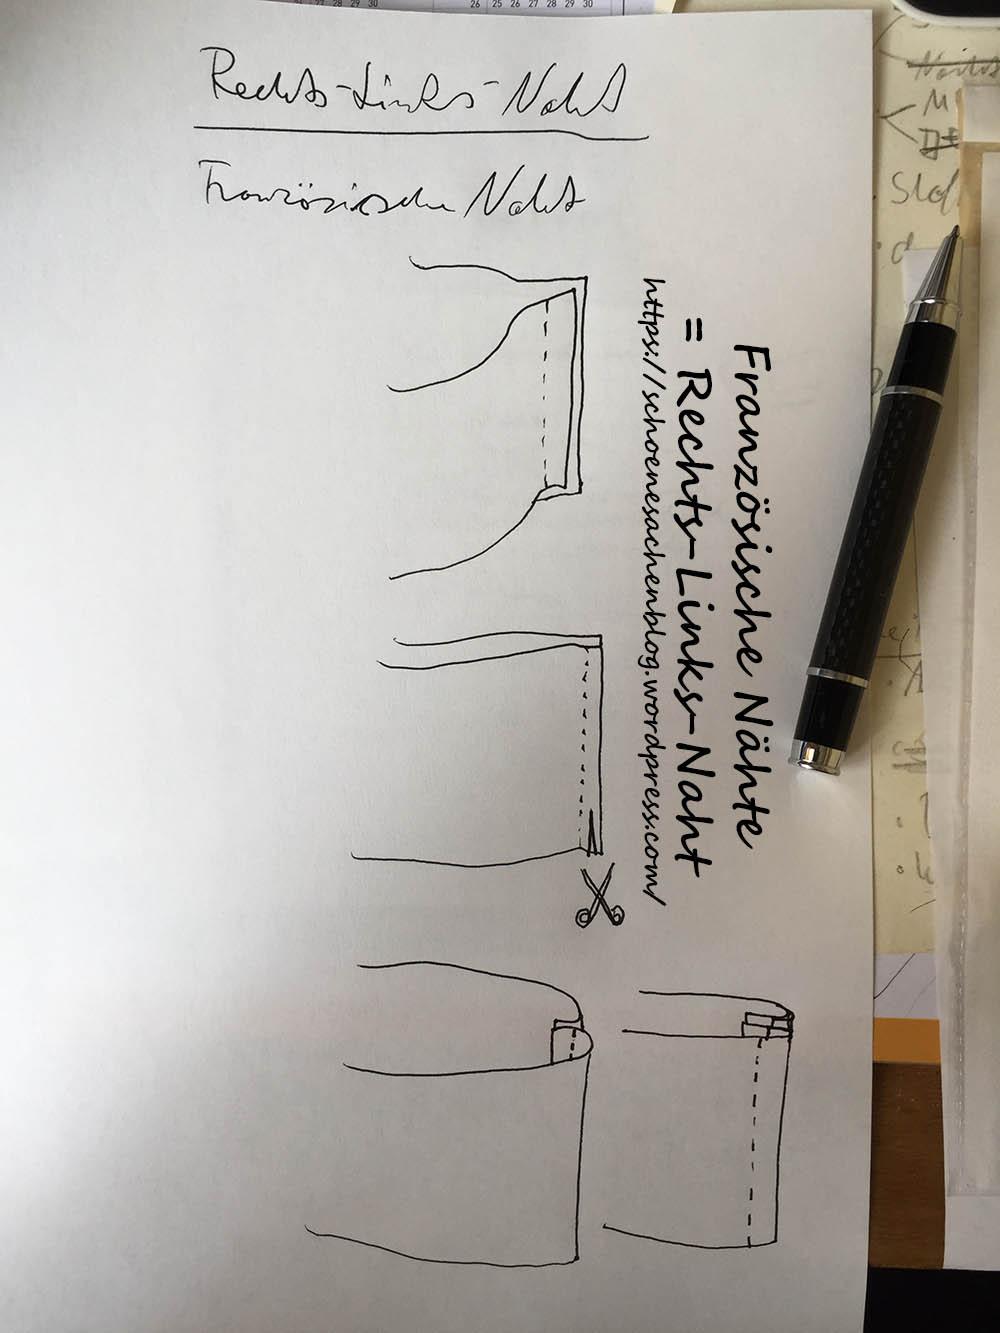 ein einfaches Näh-Projekt für Anfänger, Rechts-Links-Naht, französische Nähte, Stoff kräuseln